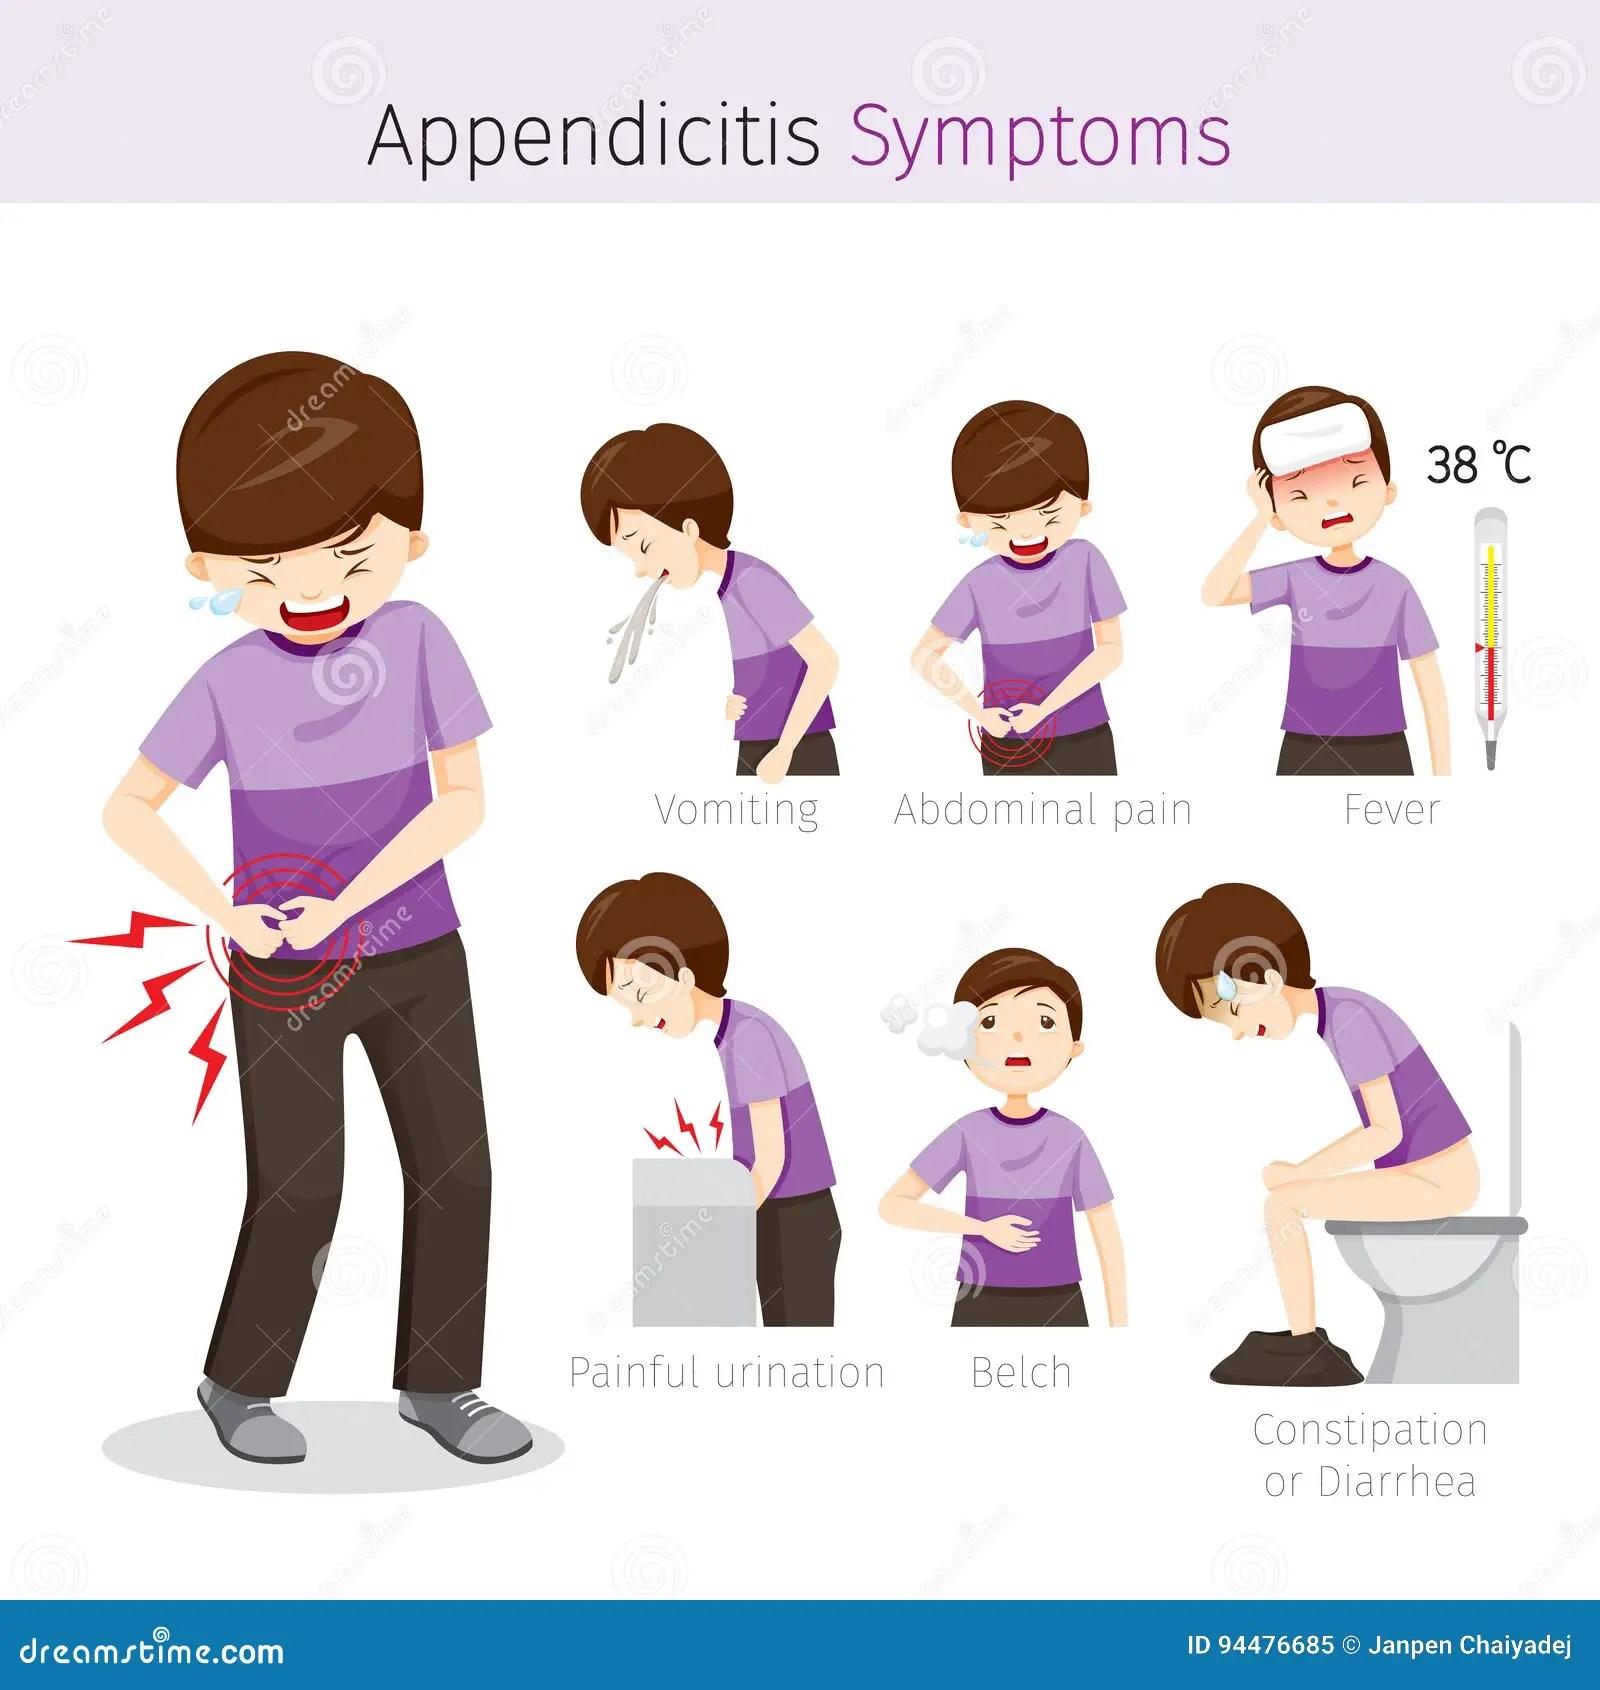 Appendicitis Pain Location